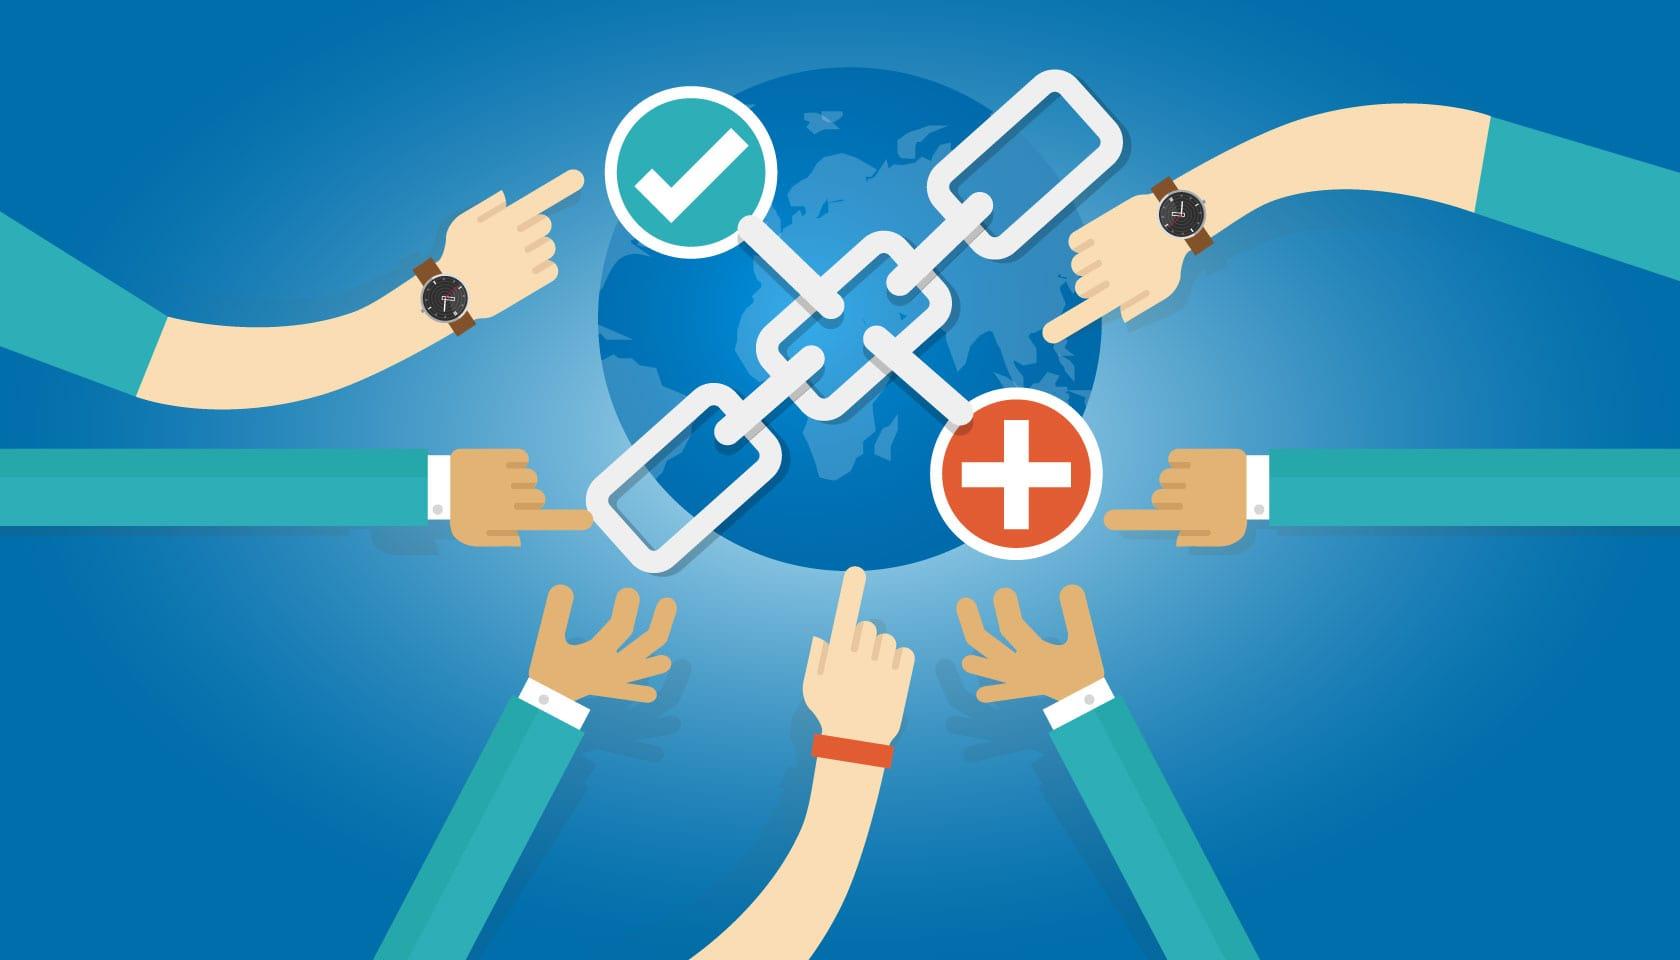 webfili-Sosyal-ağlarda-vereceğiniz-reklam-01 jpg